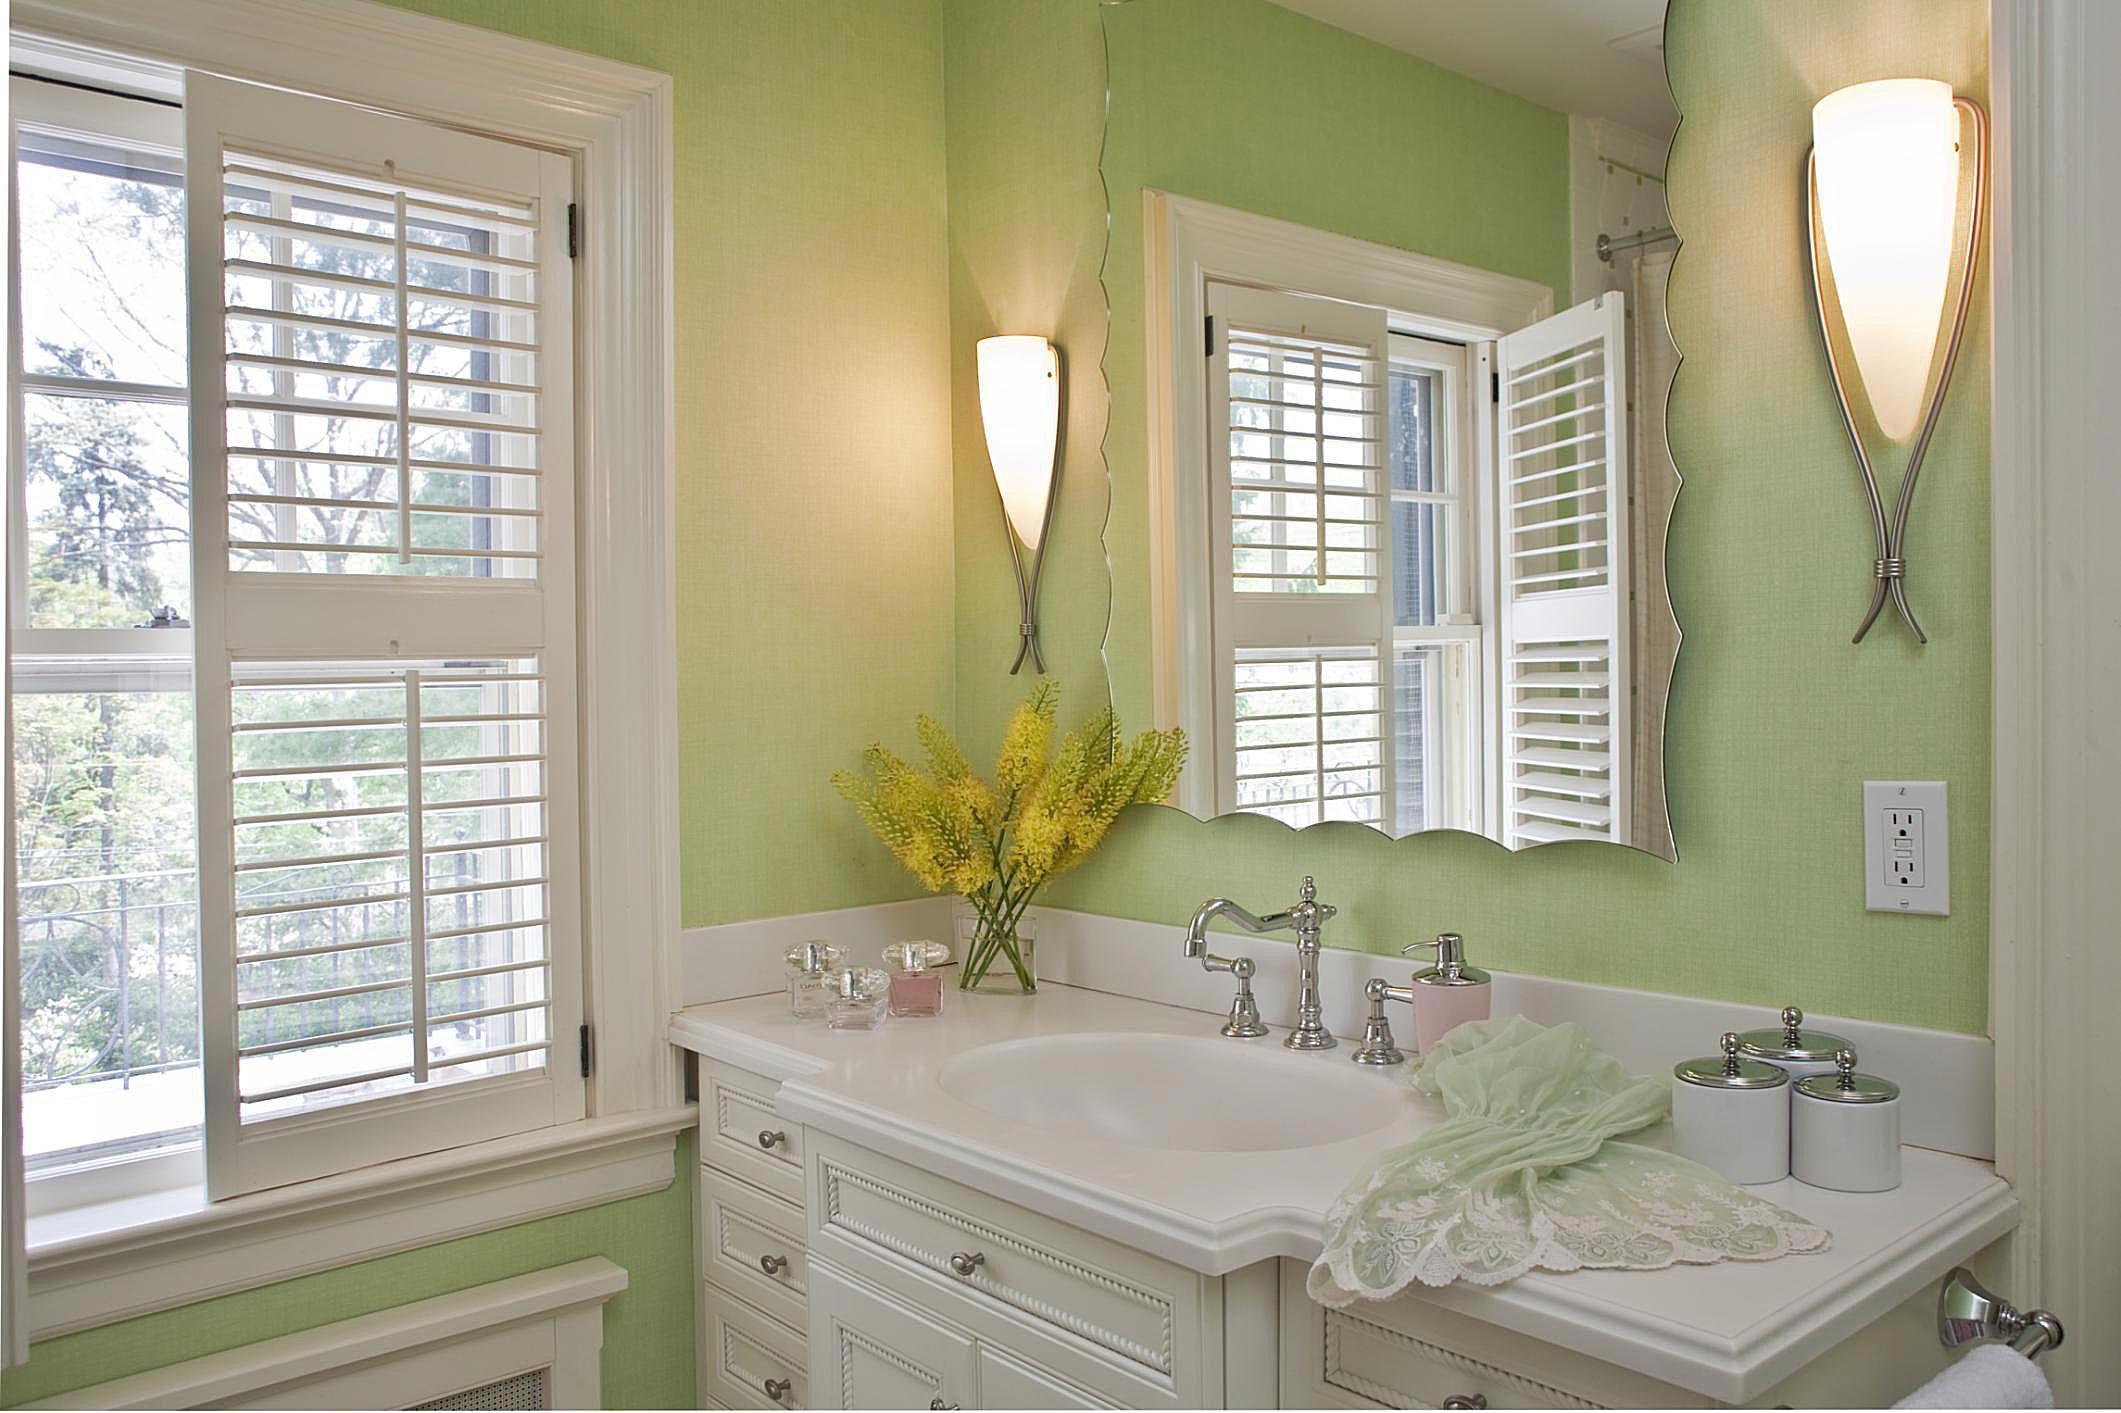 Small Bathroom Photos and Ideas on Small Bathroom Ideas Photo Gallery id=88838